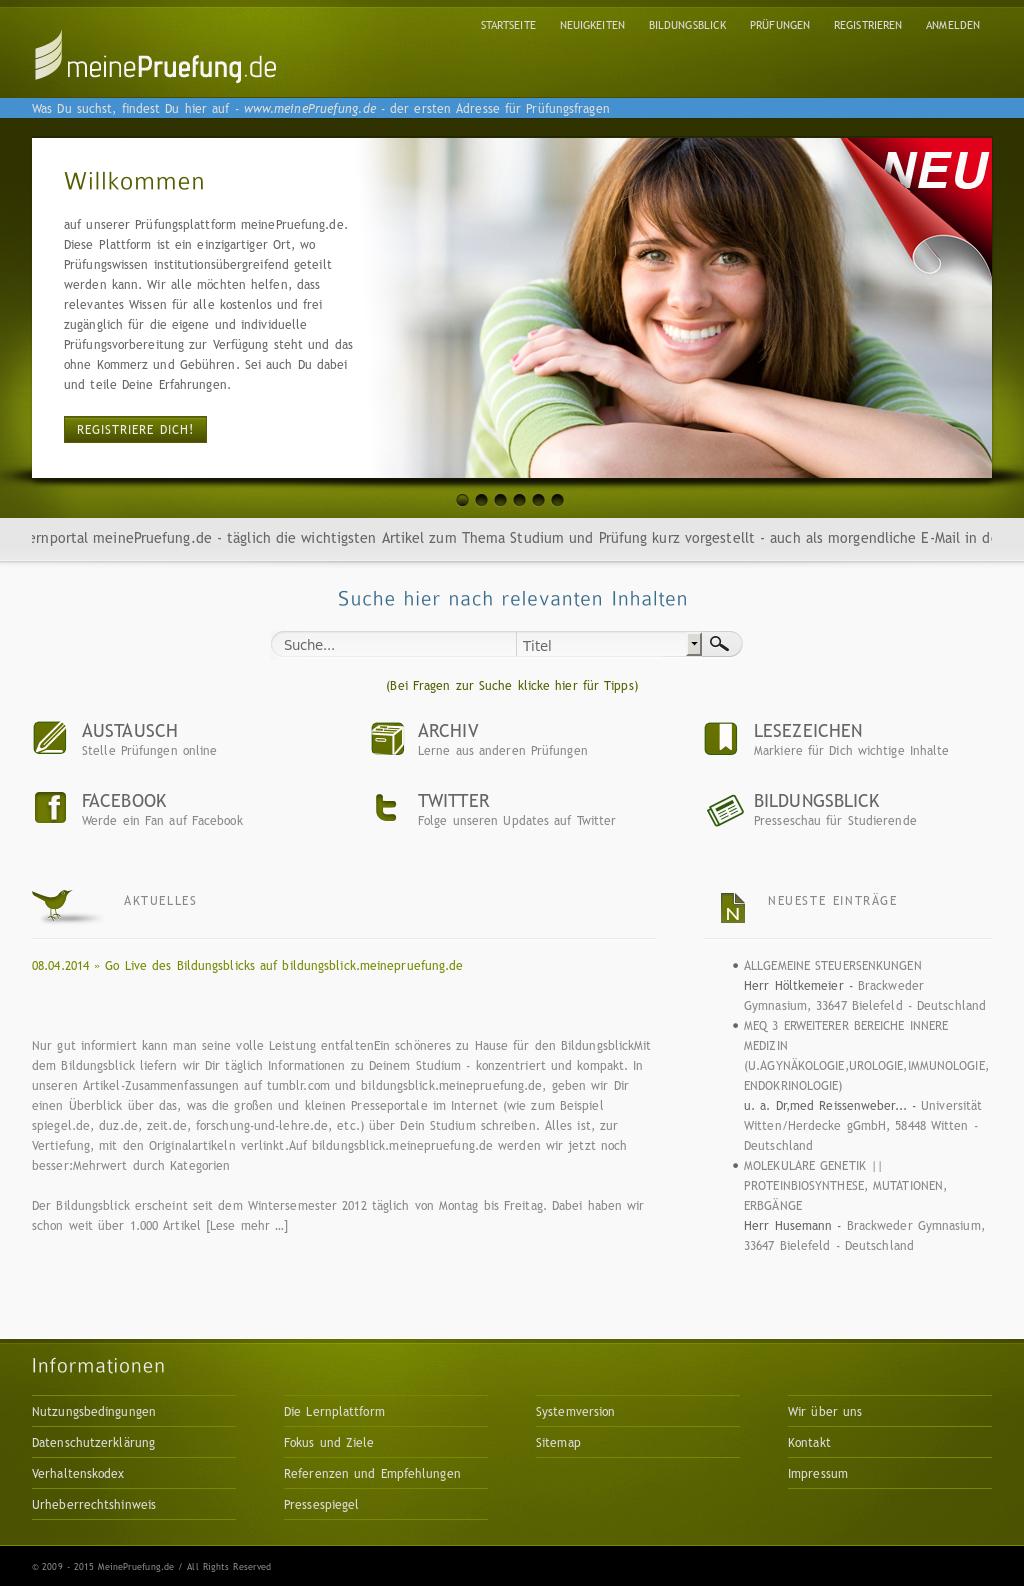 Alle Anderen 2009 meinepruefung.de competitors, revenue and employees - owler